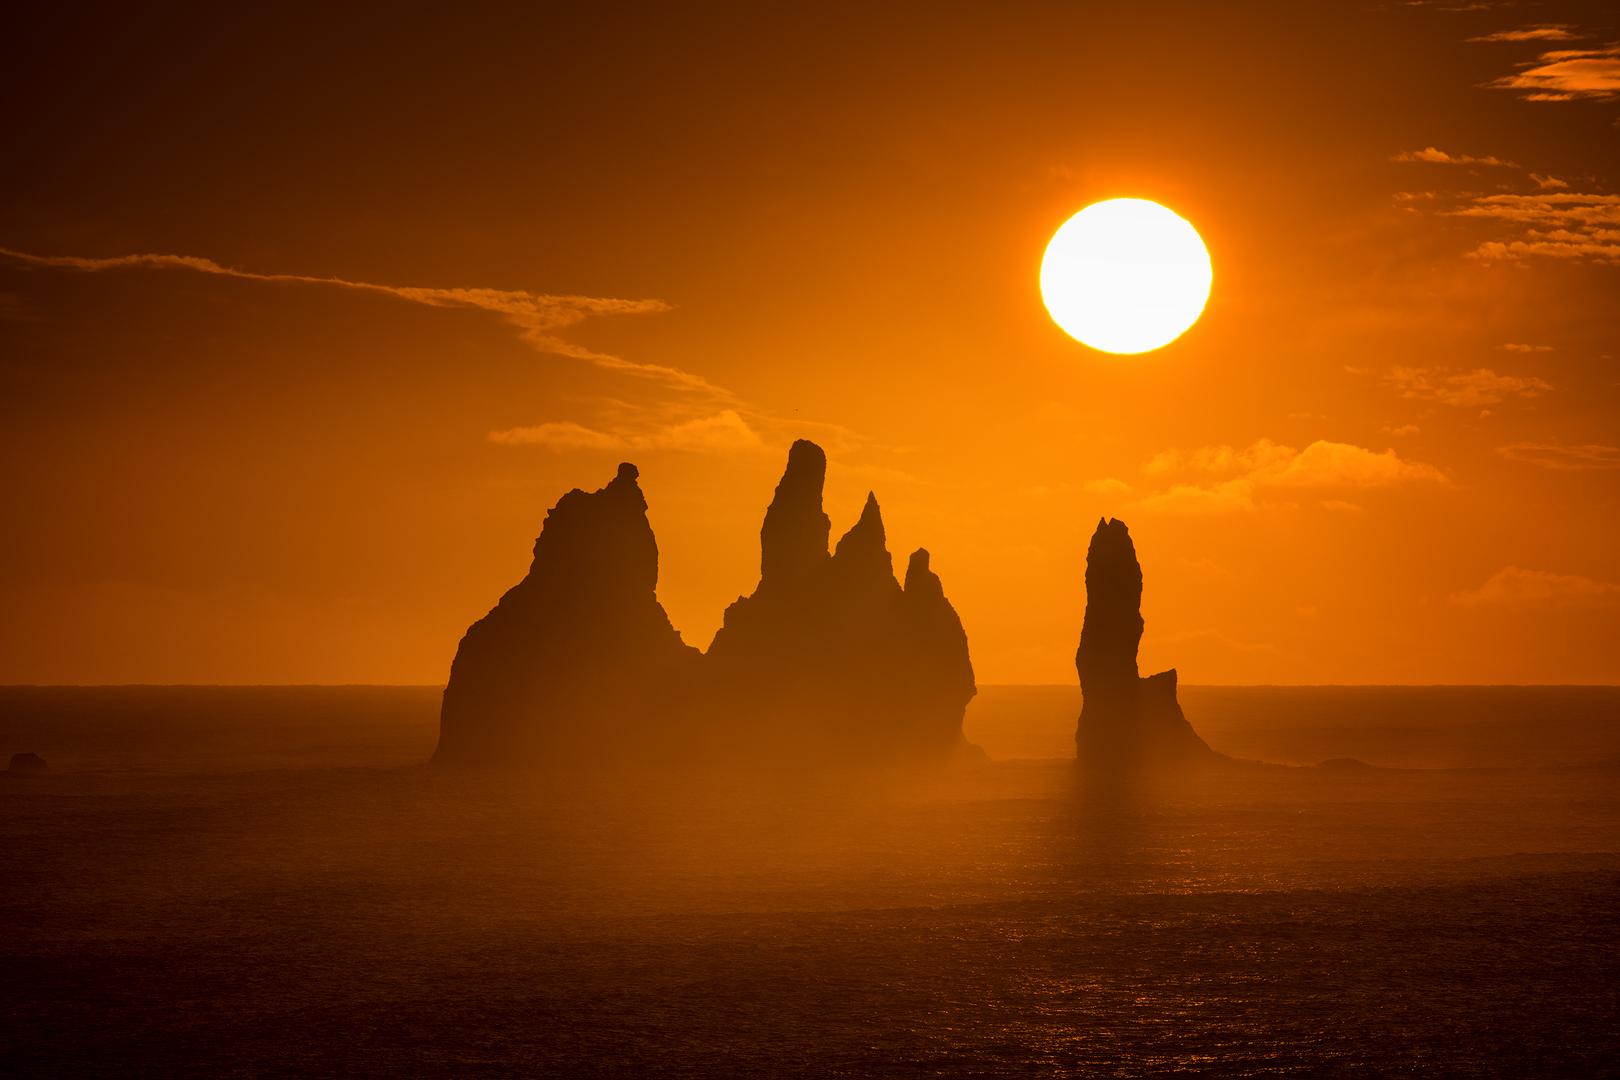 พระอาทิตย์เหนือชั้นหินเรนิสแดรงเกอร์ ที่อยู่ตรงนอกชายฝั่งของหาดทรายดำเรย์นิสฟยารา.